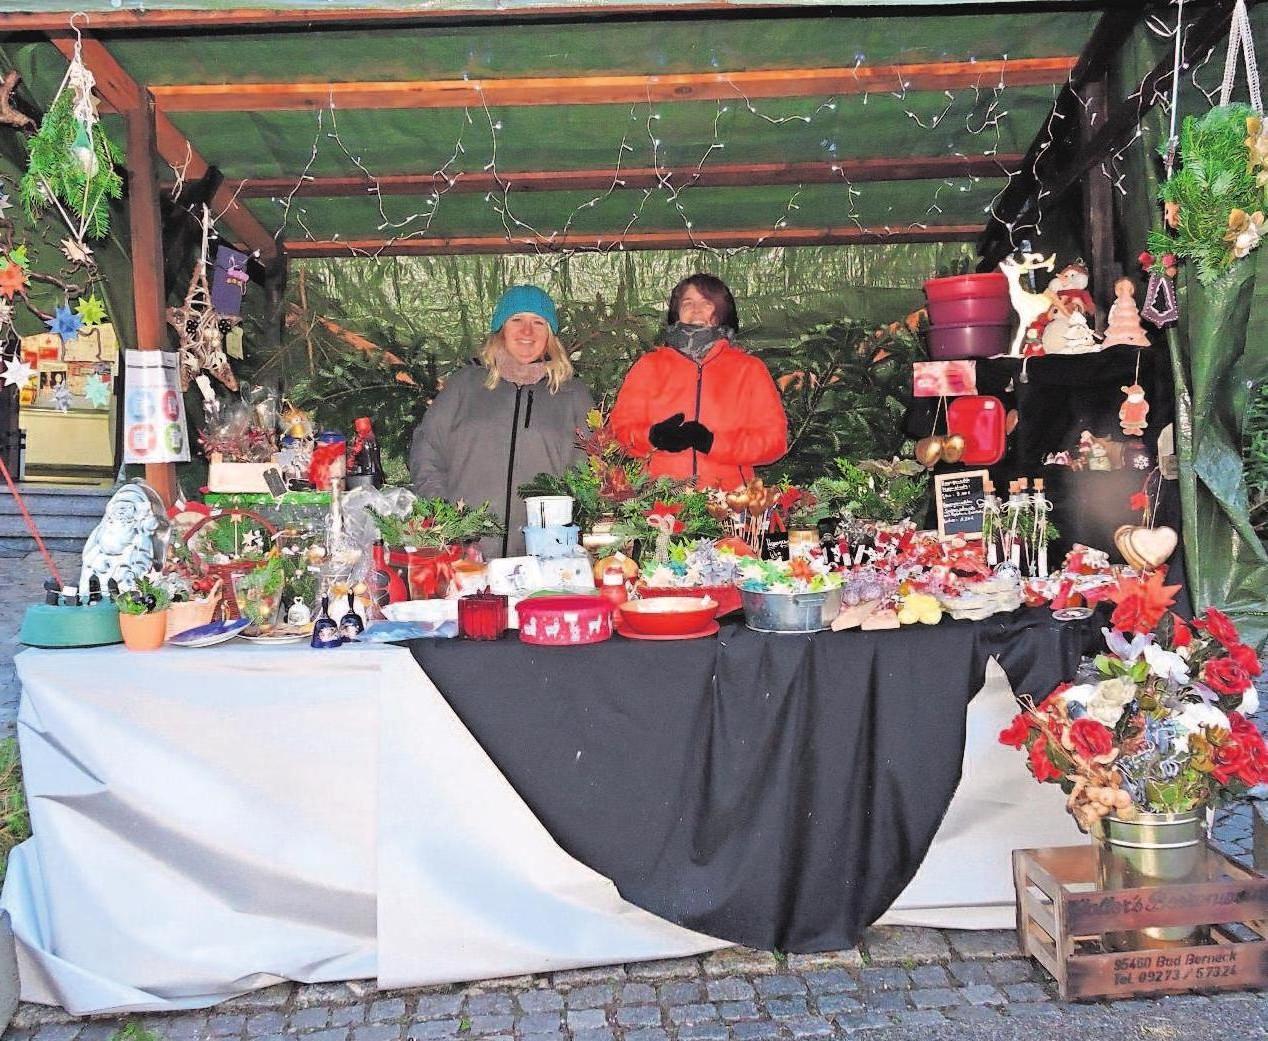 """Die weihnachtlich geschmückte Stände und Buden haben im Angebot """"alles rund um das Fest der Feste""""."""